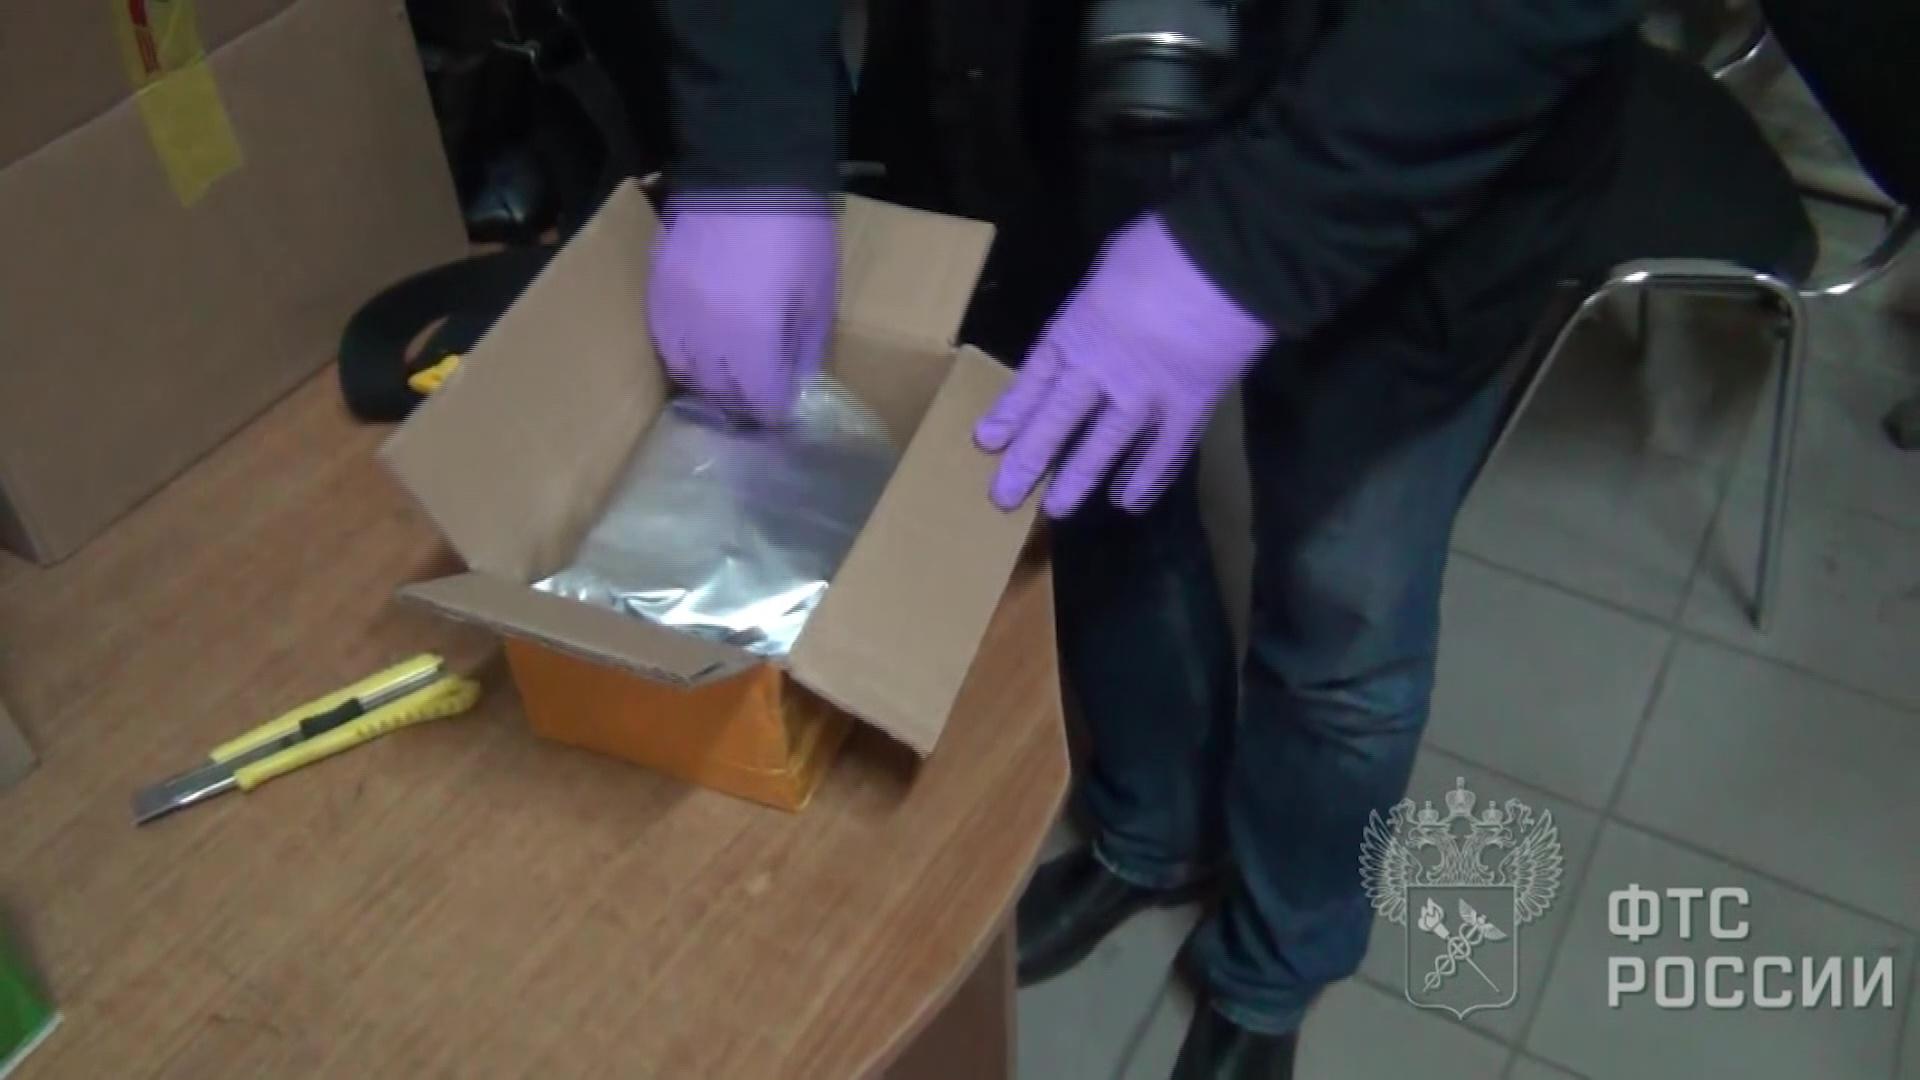 Задержали в пункте выдачи: ярославец заказал килограмм наркотиков из Китая